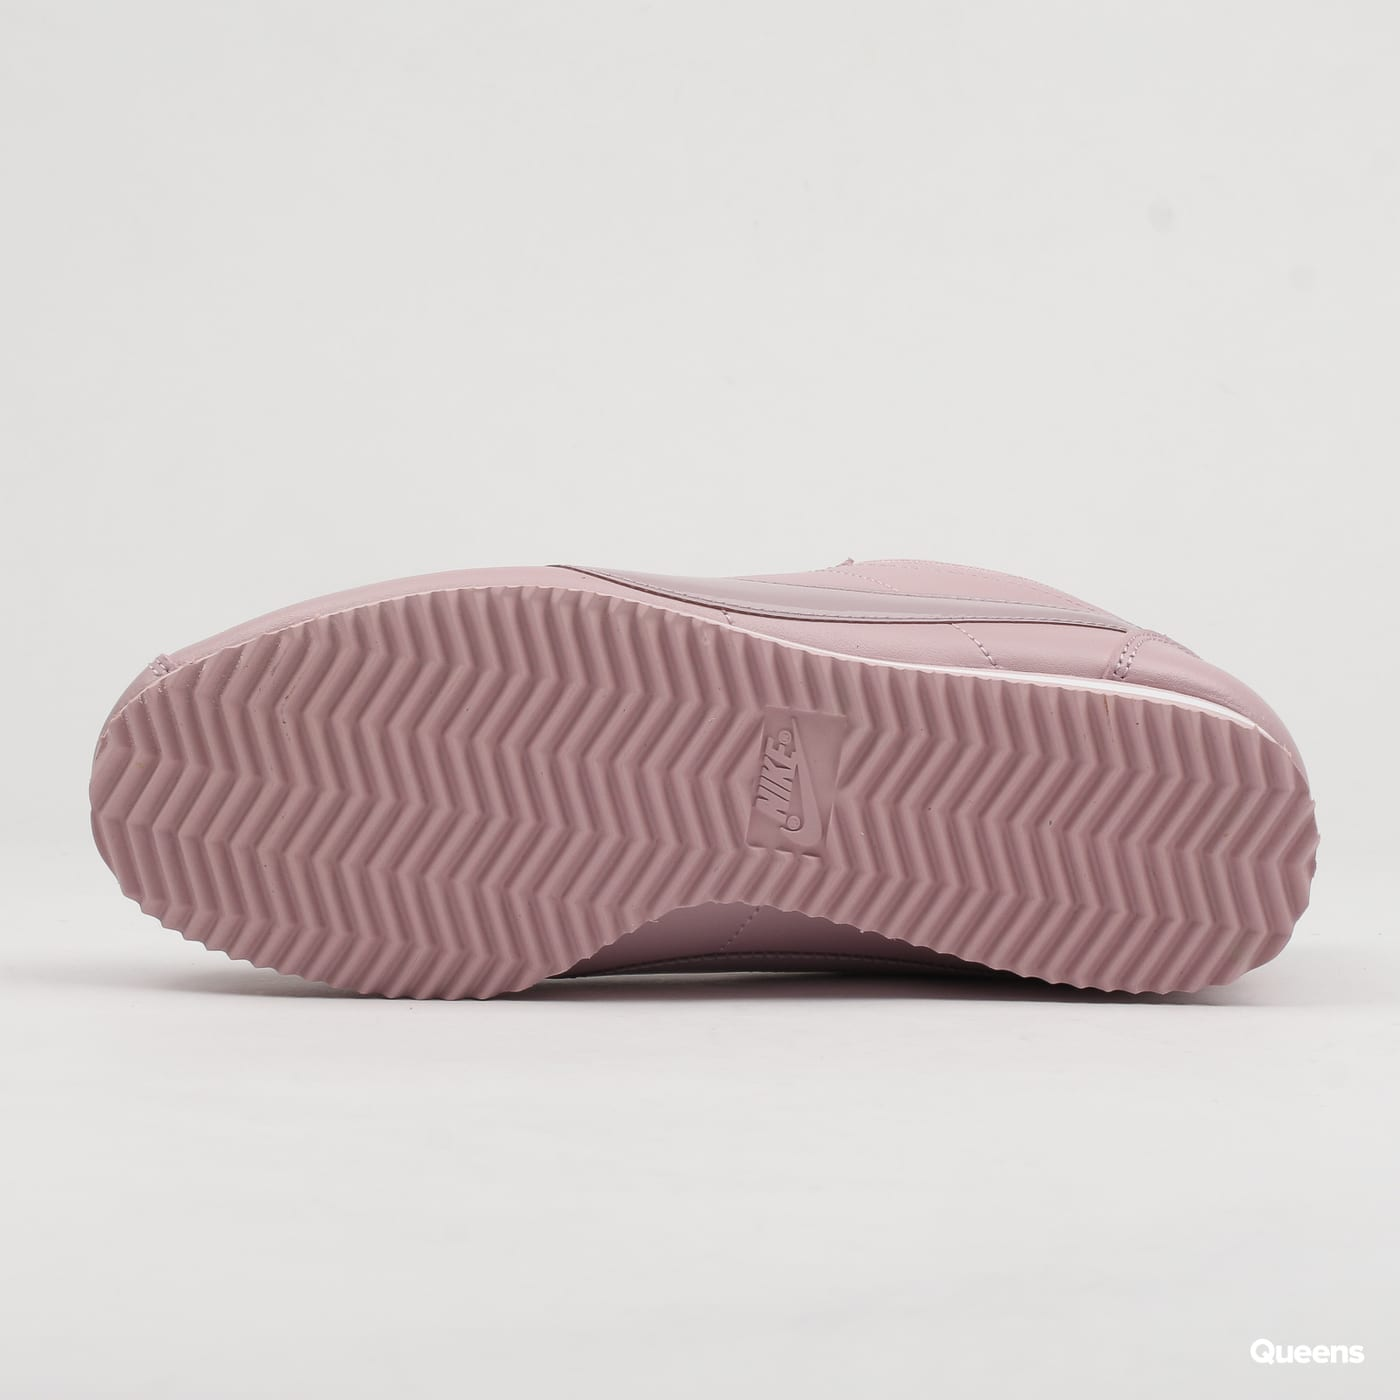 Nike WMNS Classic Cortez Premium plum chalk / plum chalk - white